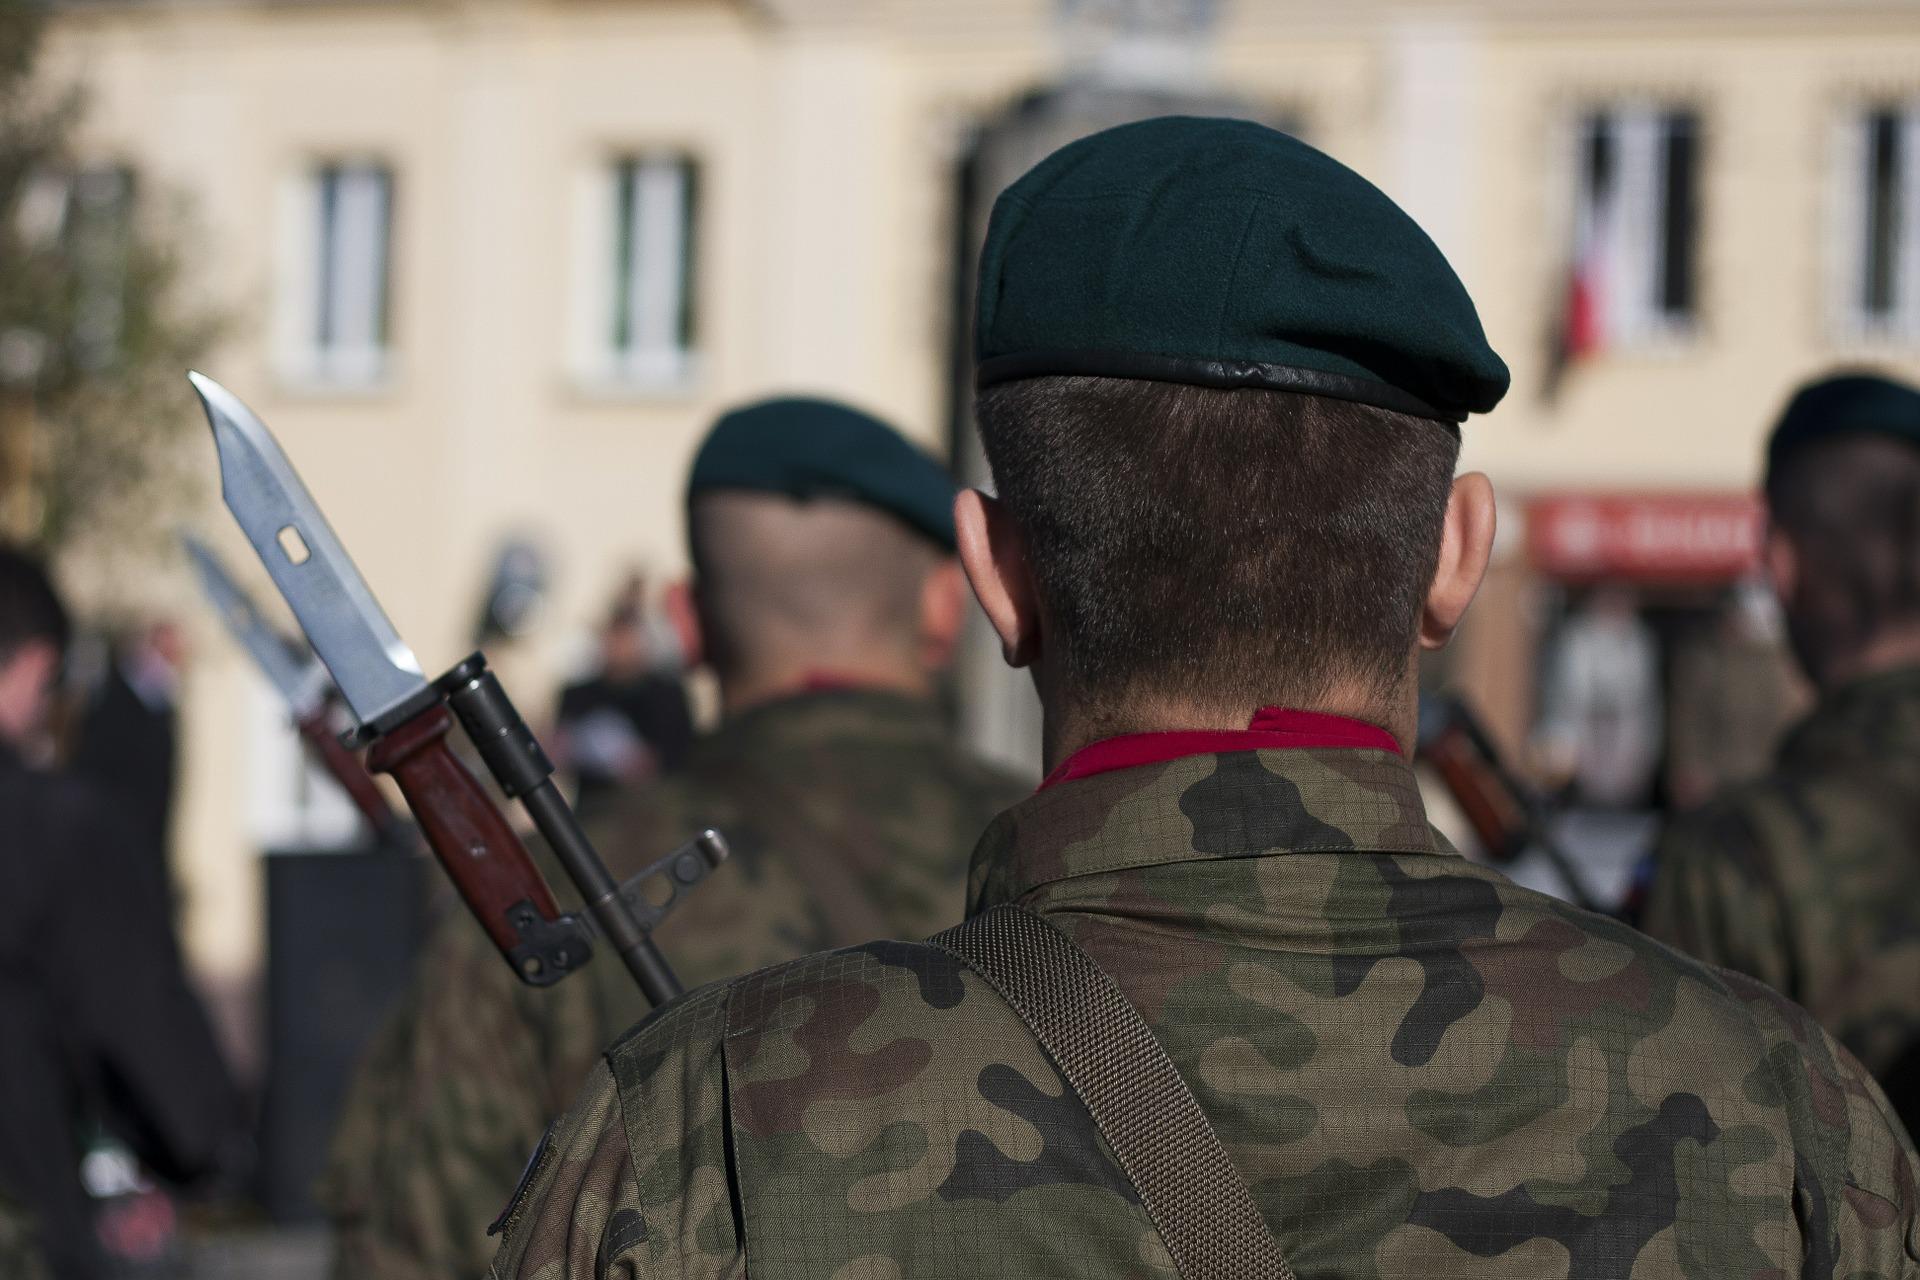 soldier-504966_1920